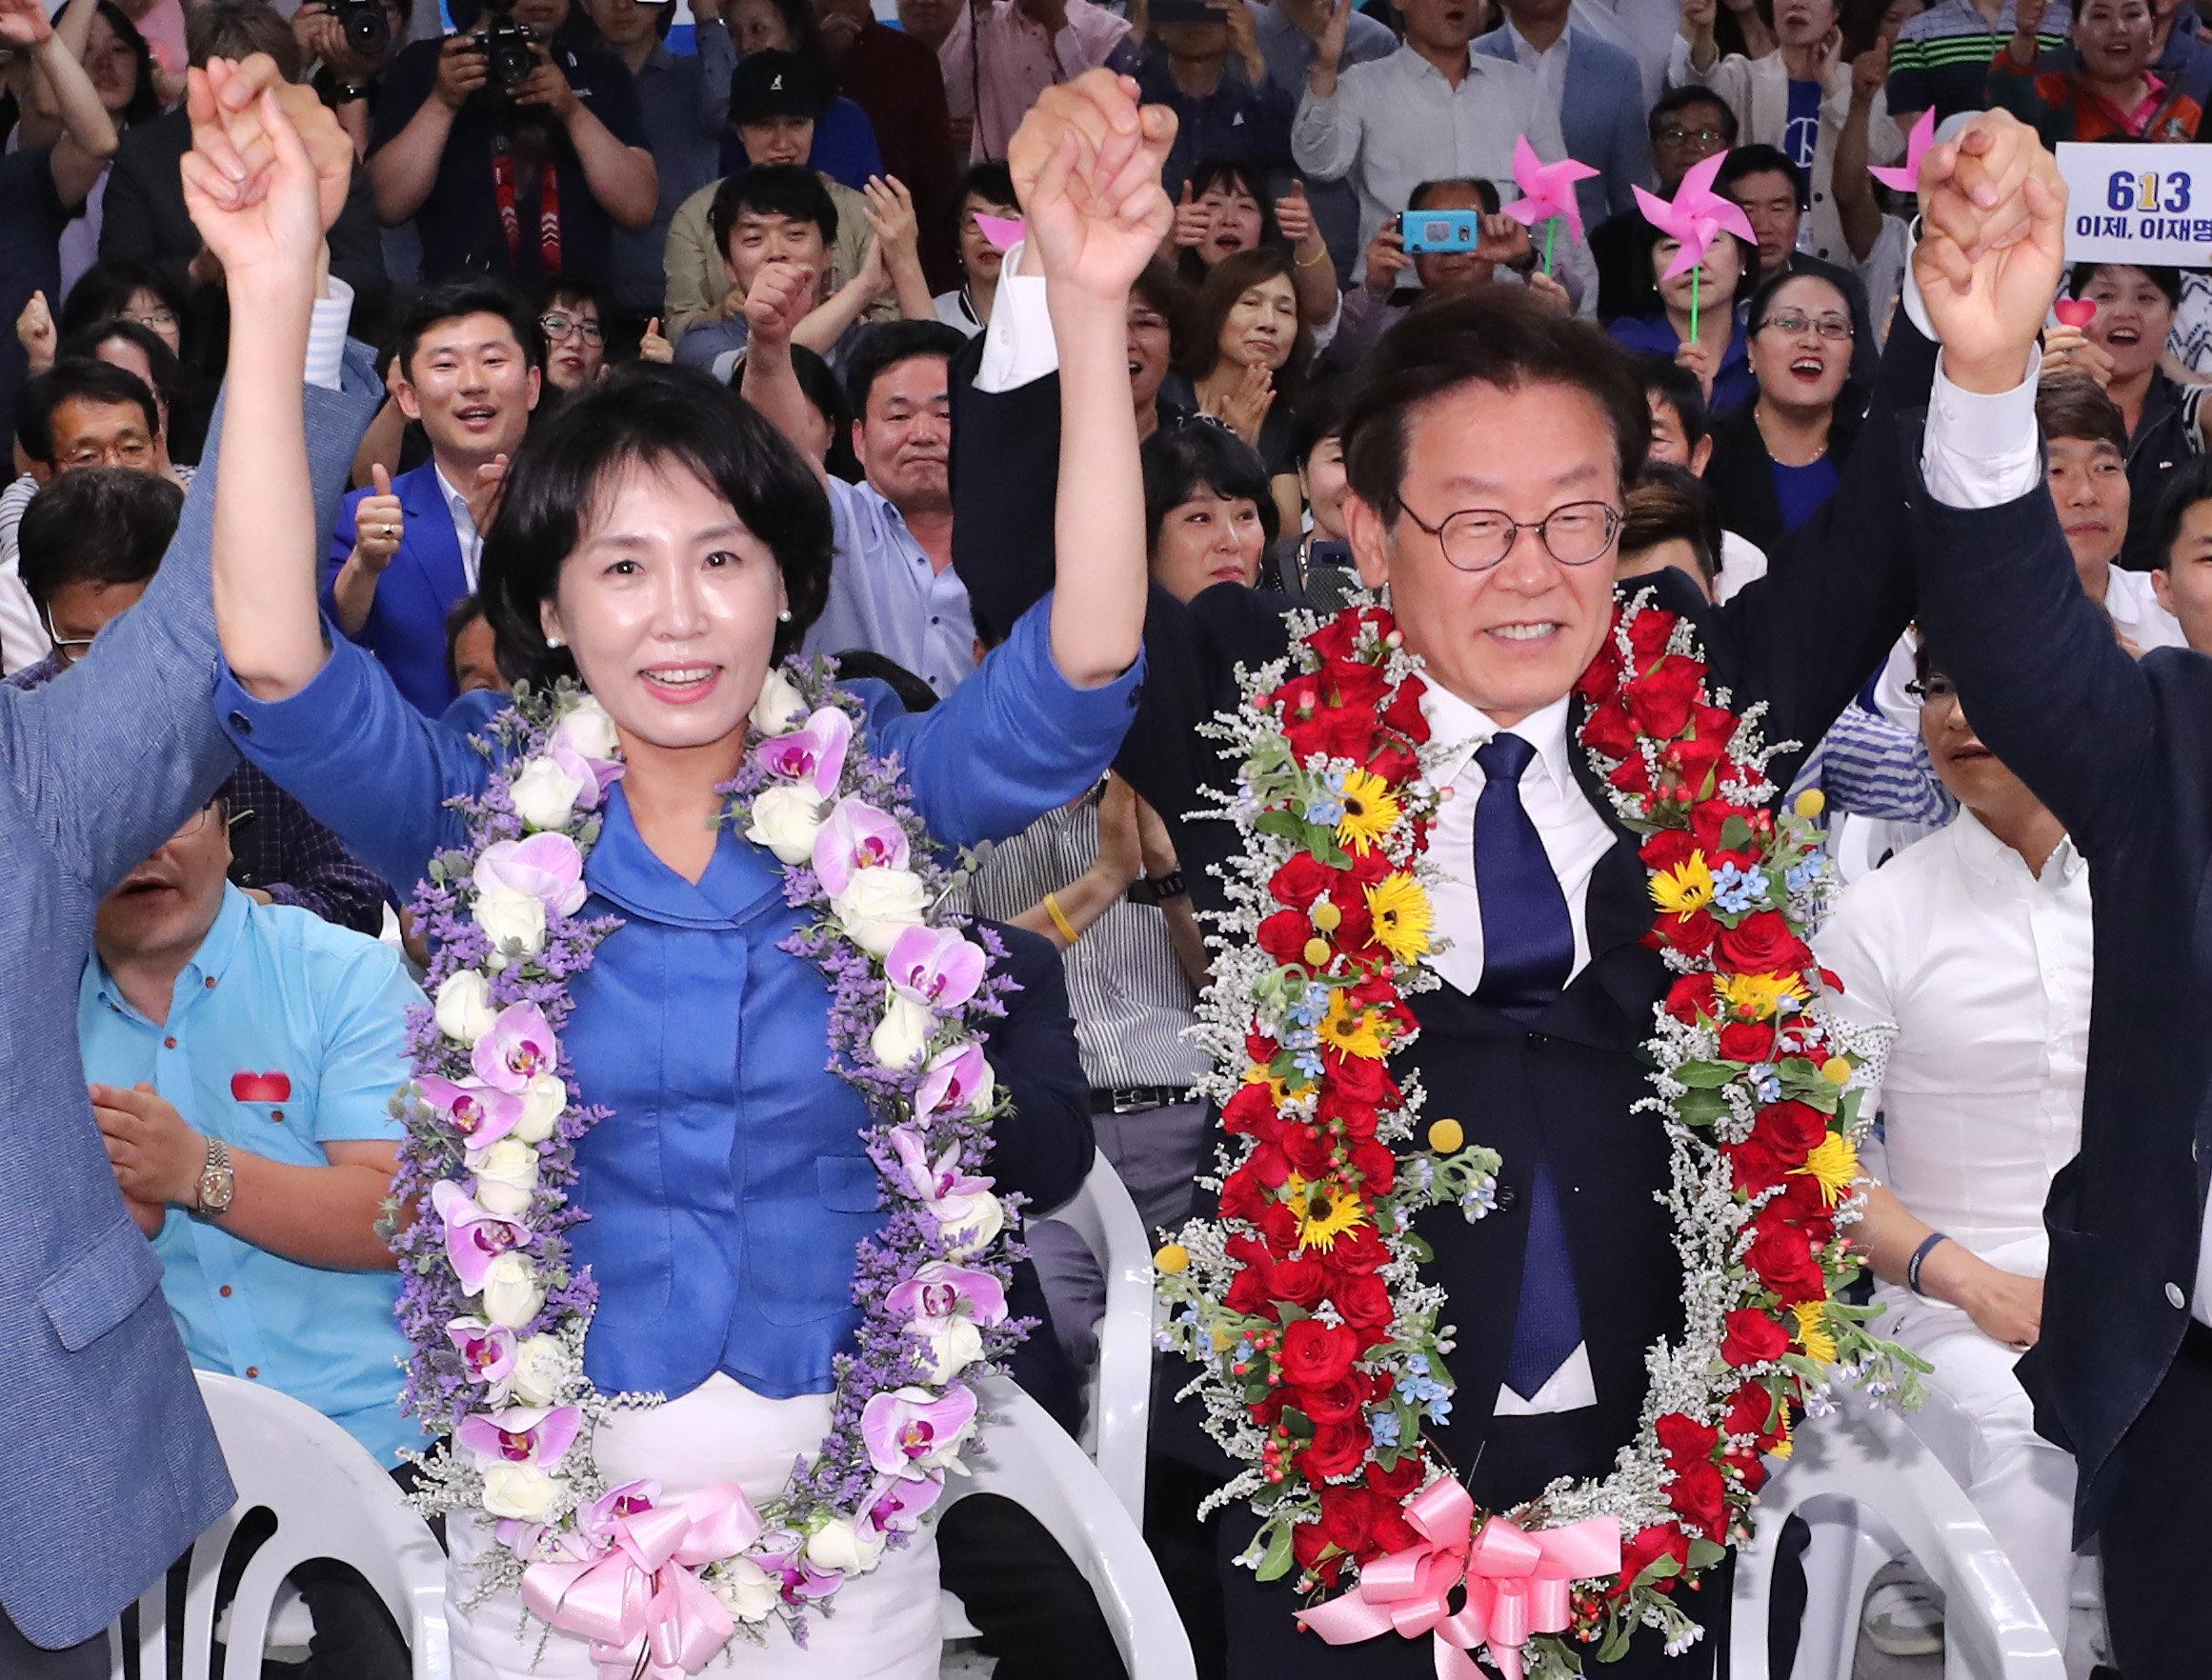 '혜경궁 김씨'는 이재명 부인이라는 경찰 수사결과가